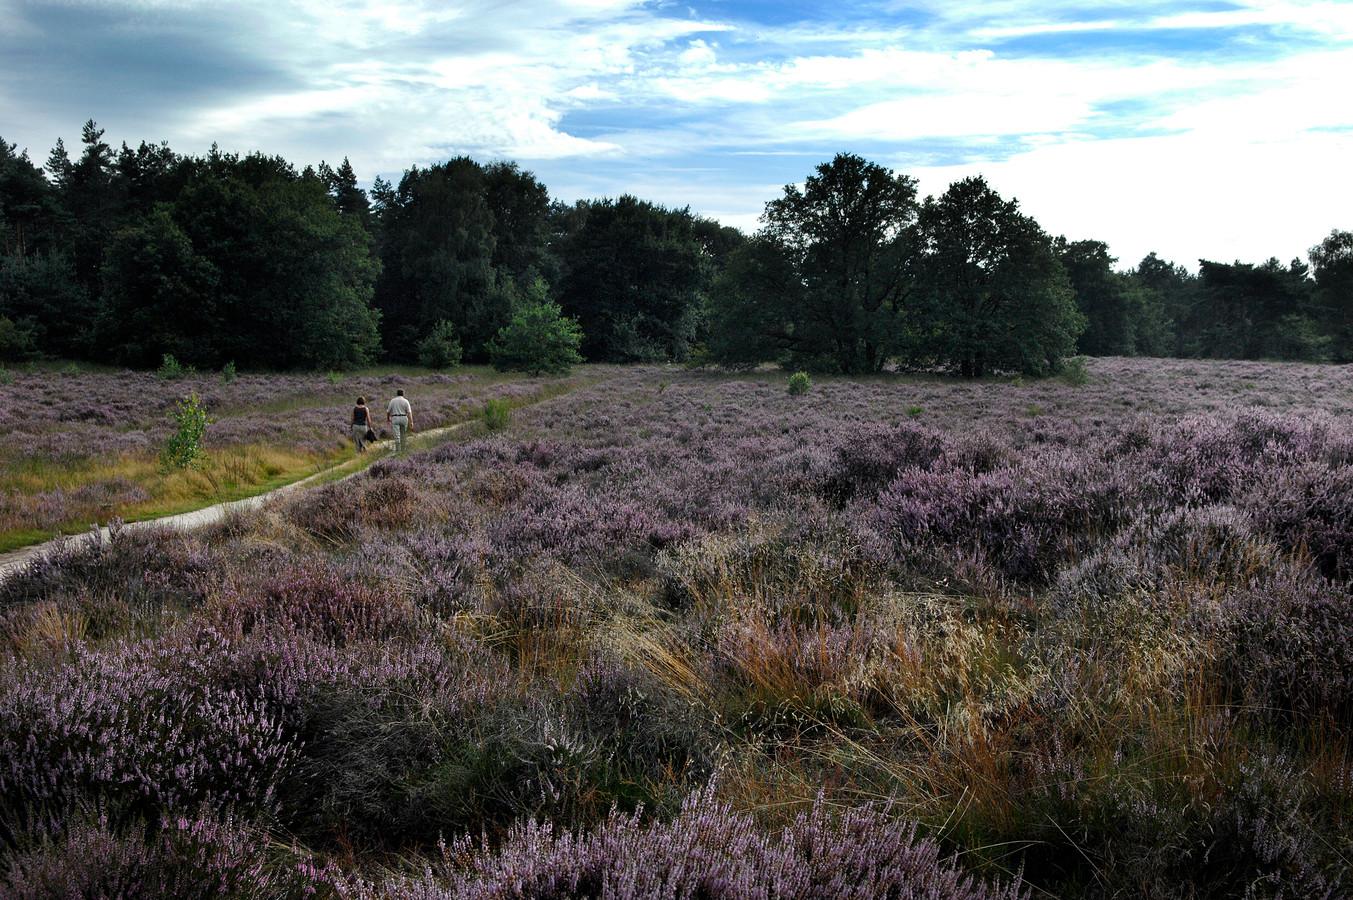 Archiefbeeld: Vroeg bloeiende heidein natuurgebied de Meinweg bij Ospel. De hei staat uitbundig in bloei.